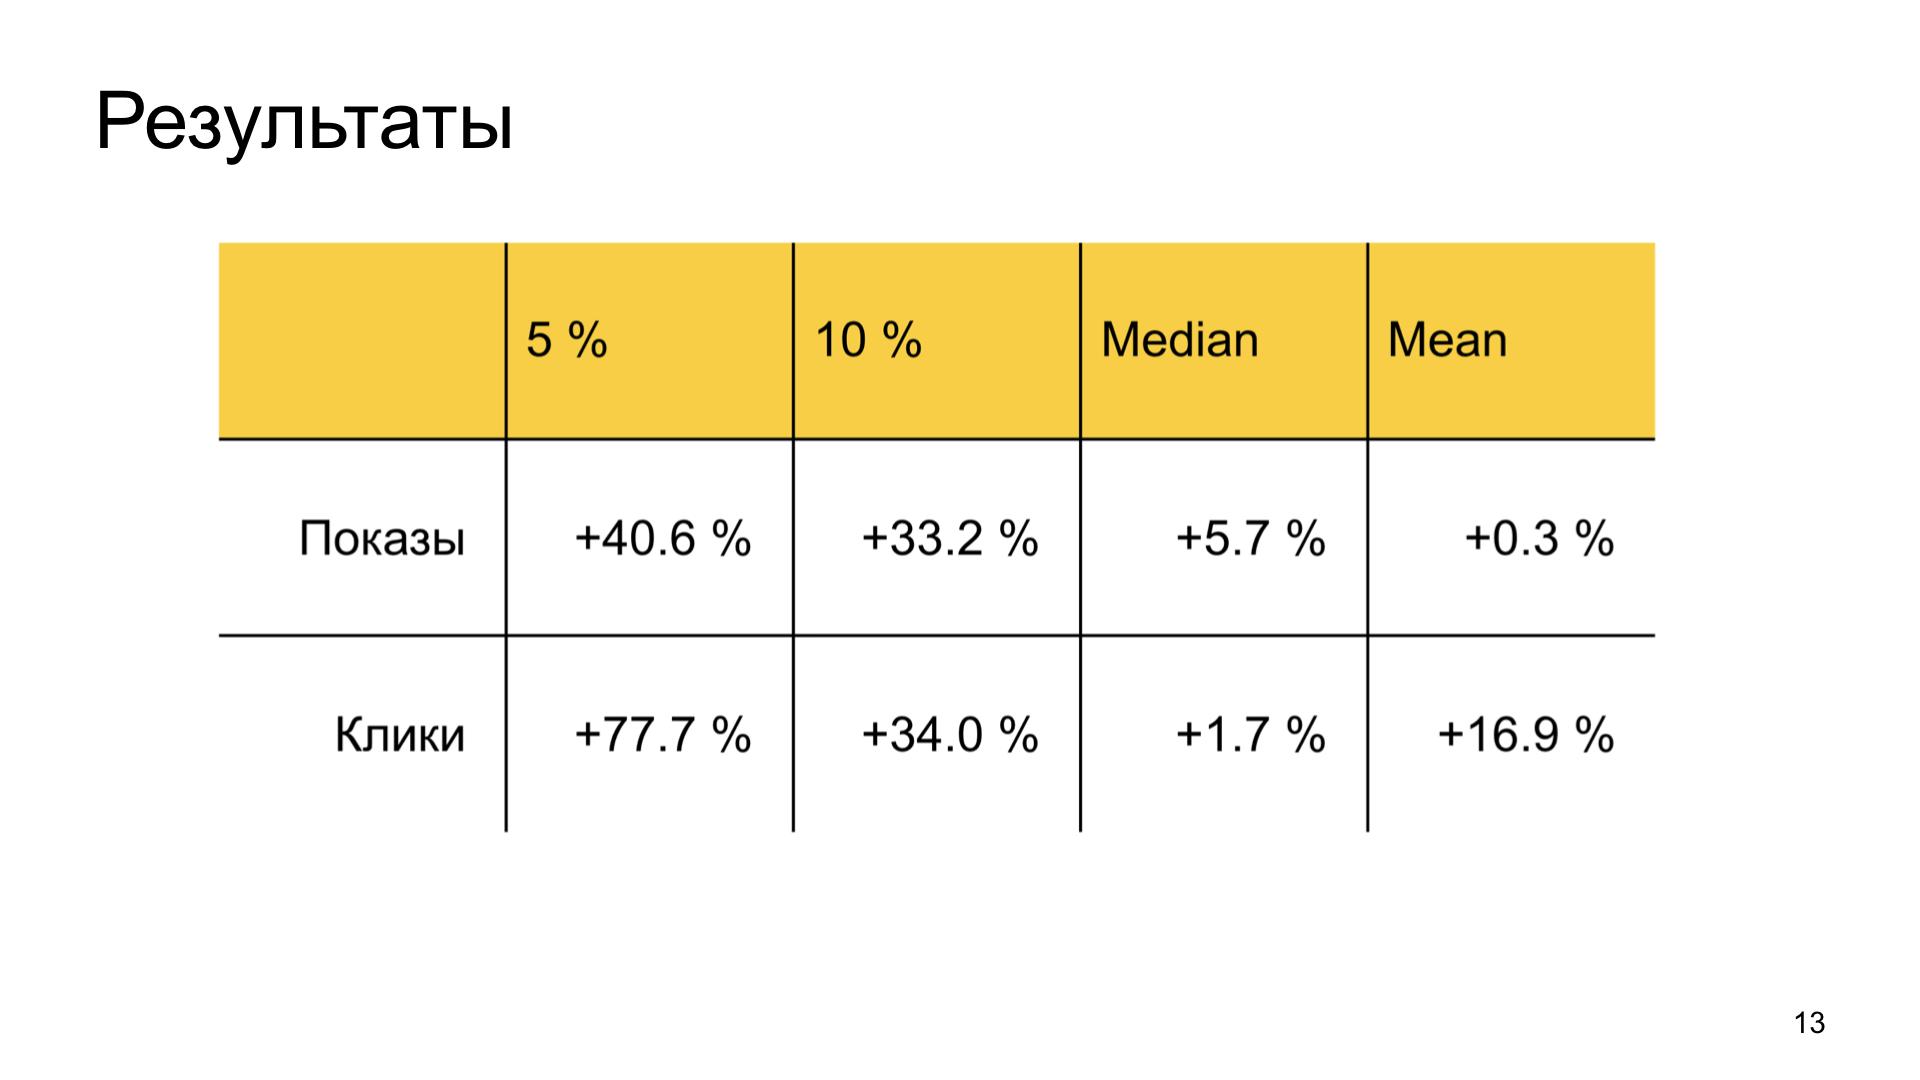 Автороцентричное ранжирование. Доклад Яндекса о поиске релевантной аудитории для авторов Дзена - 13